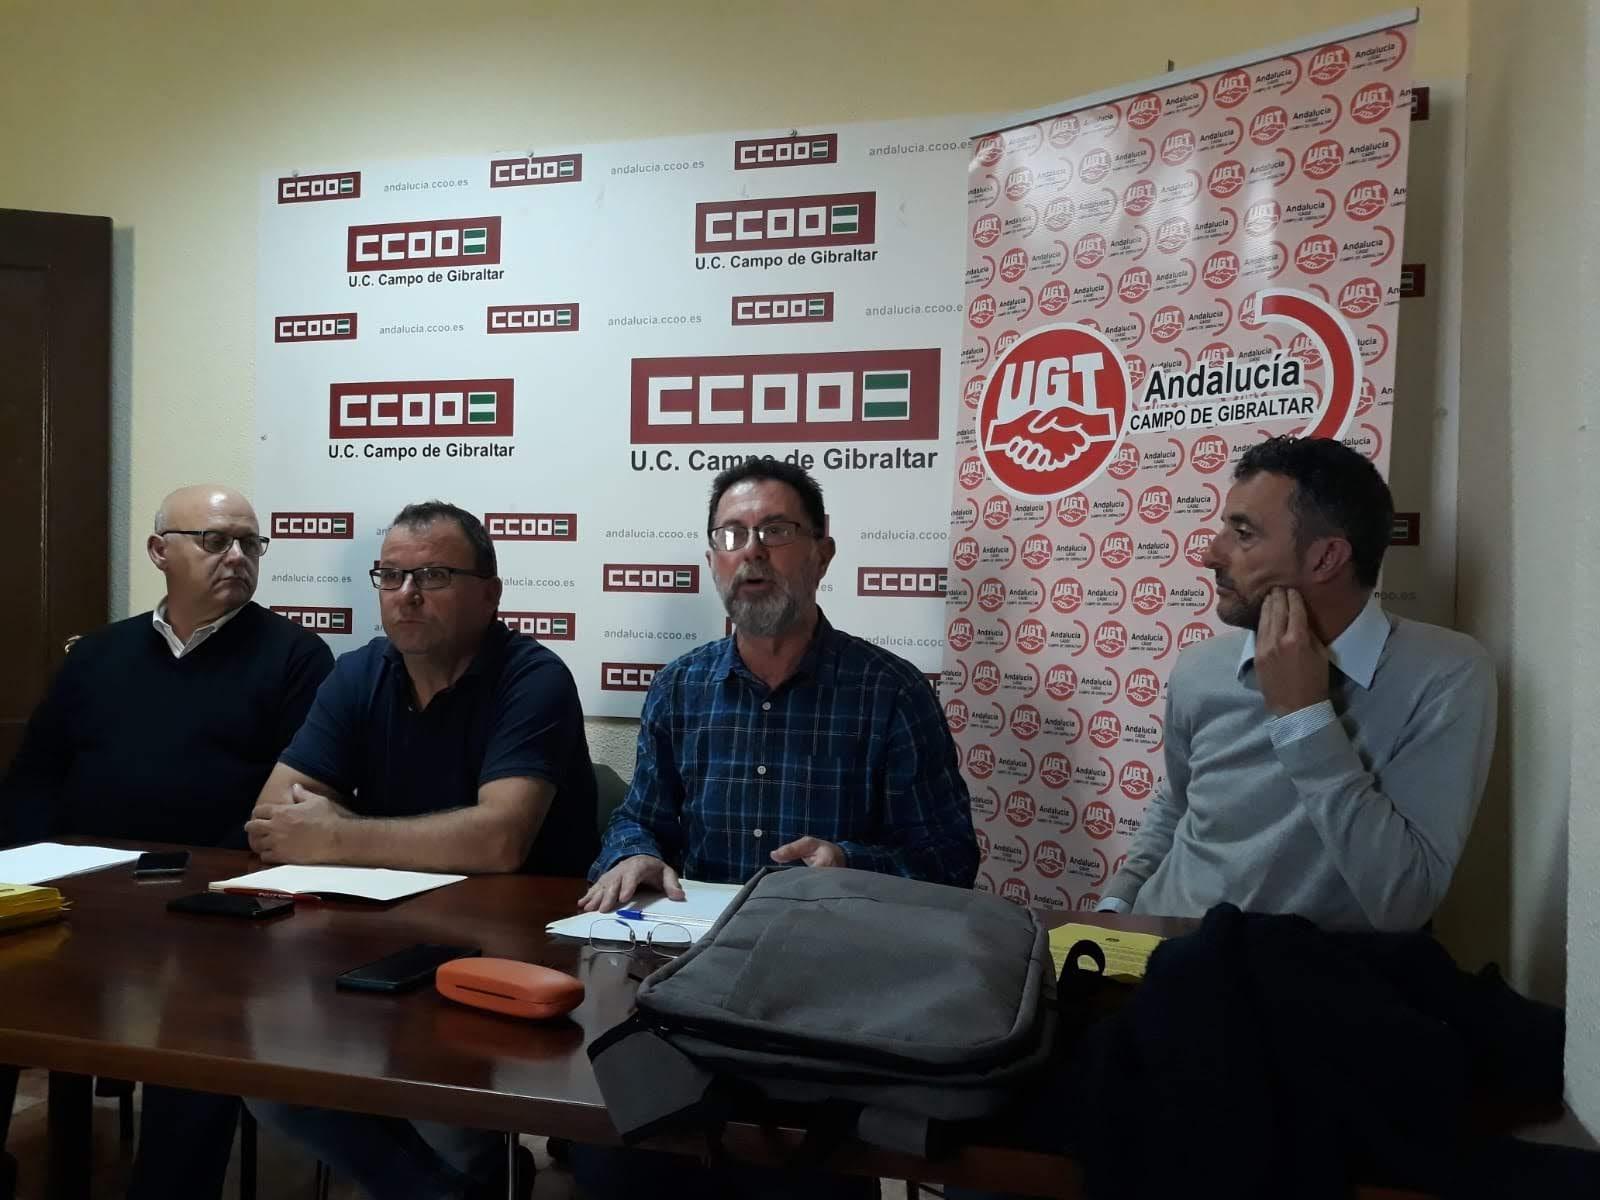 UGT Y CCOO convocan concentración trabajadores del transporte por carretera por su convenio colectivo